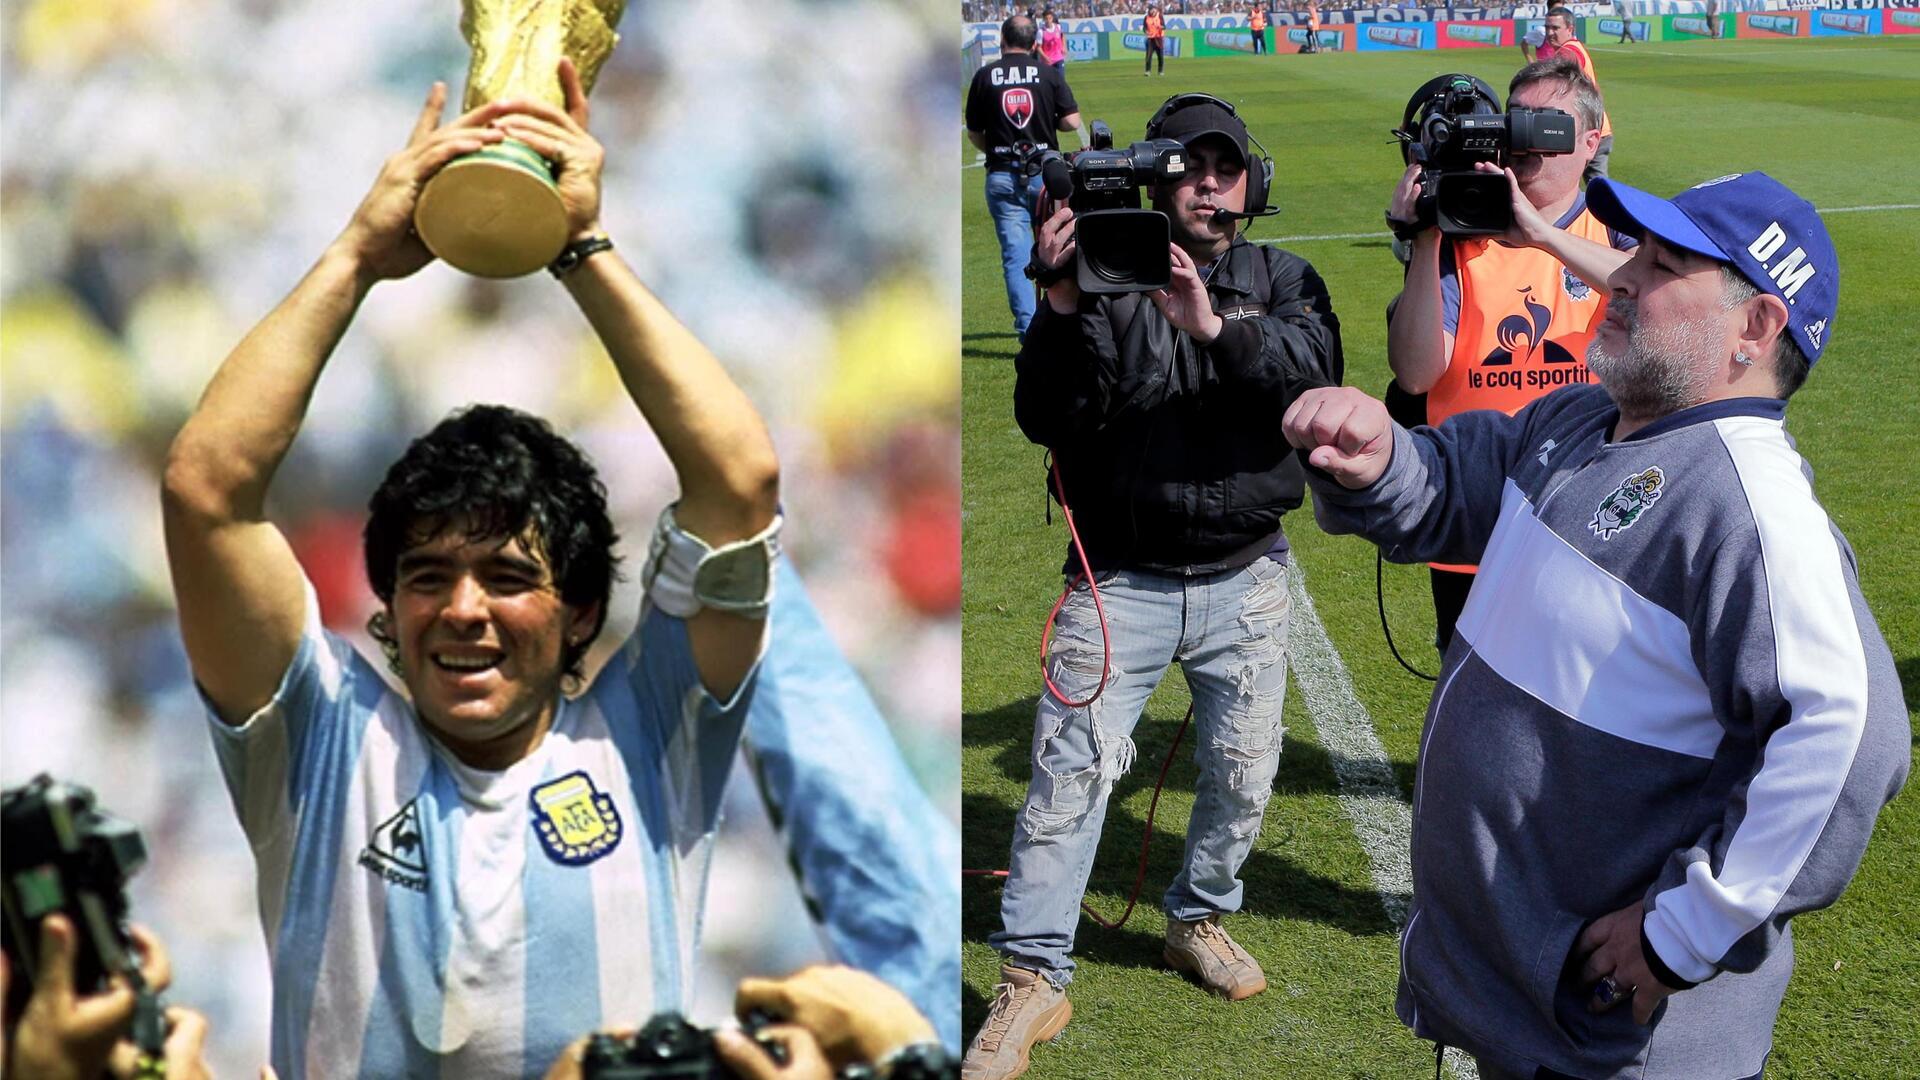 بالفيديو..احتفال أسطوري بنجم الكرة الأرجنتينية مارادونا في عيد ميلاده الـ59